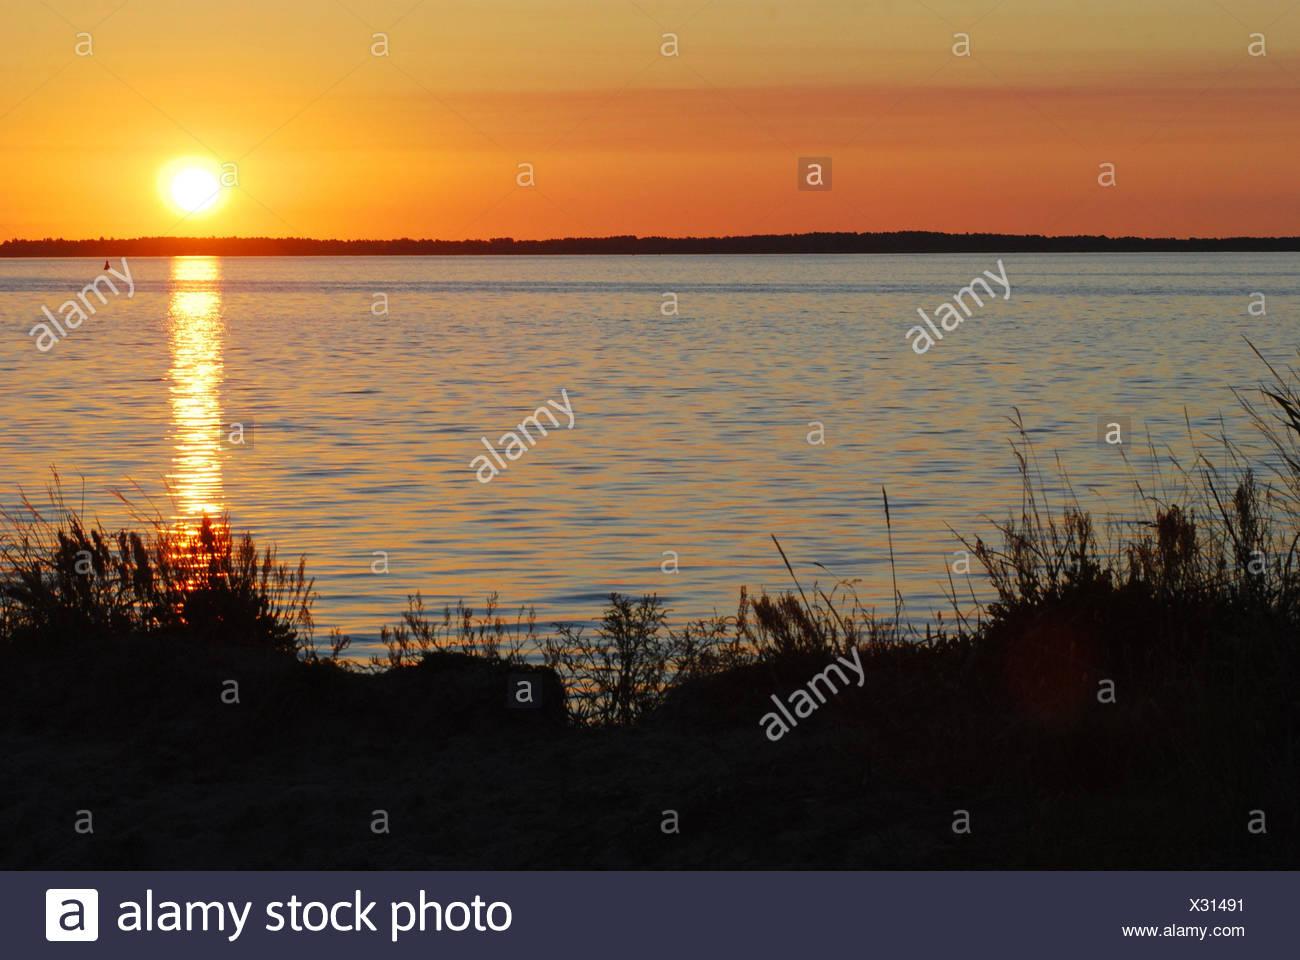 Die Ostsee, Sonnenuntergang, Norddeutschland, Deutschland, Ostsee, Meer, See, Wasser, Sonne, Überlegung, Abend, Nachleuchten, Abend tuning, Landschaft, Natur, Romantik, Idylle, grass, niemand, Horizont, Stockbild